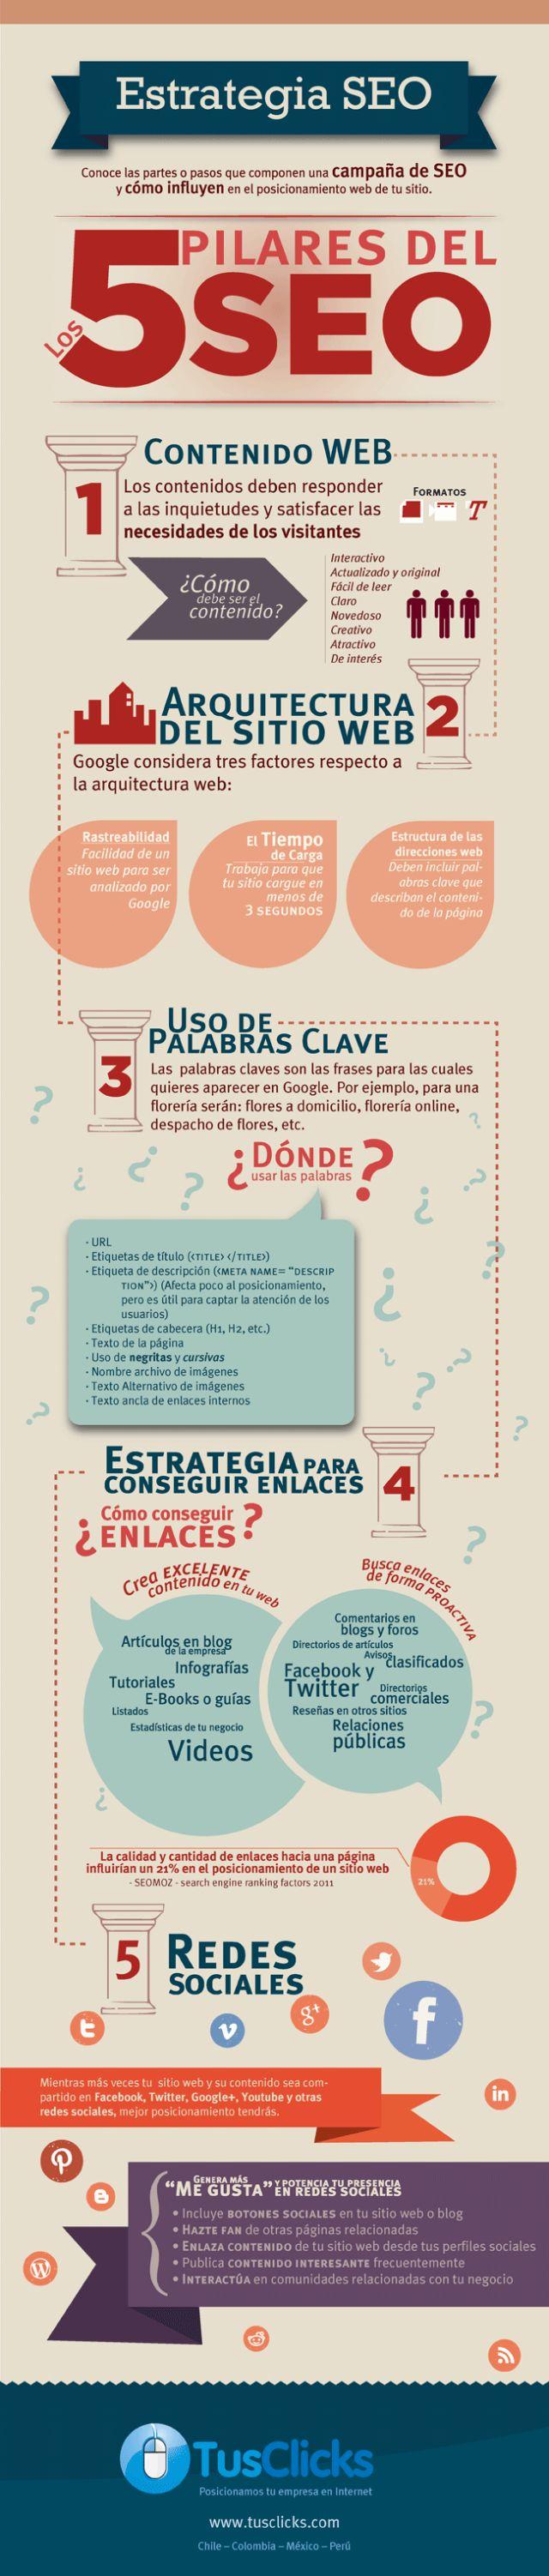 Los 5 pilares del #SEO #Infografía #SocialMedia >>>